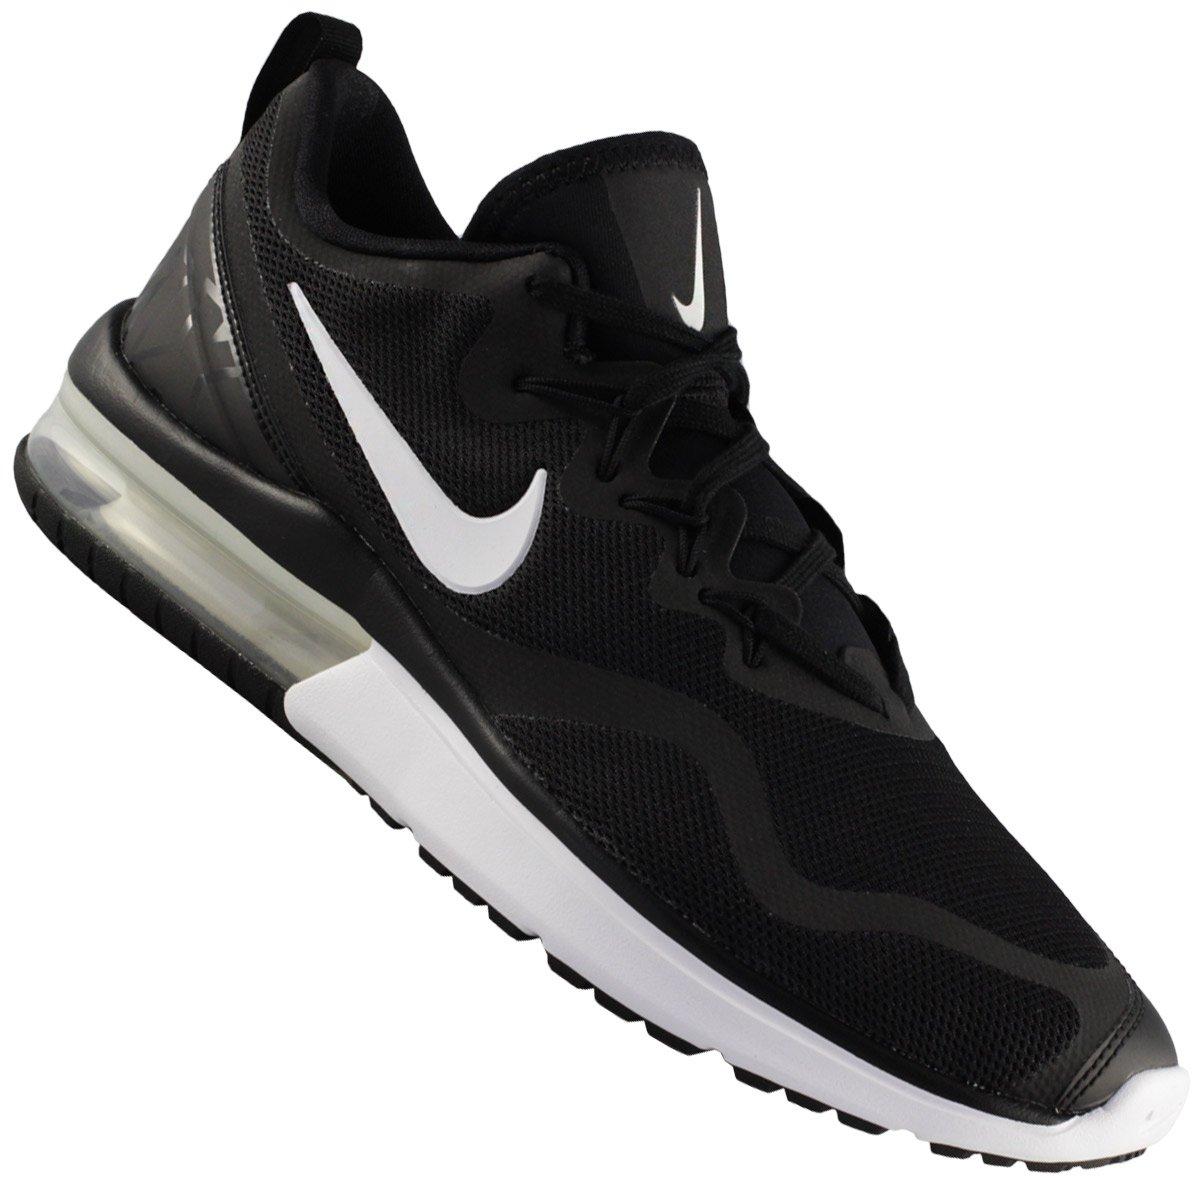 1bab5e9b6e4 Tênis Nike Air Max Fury